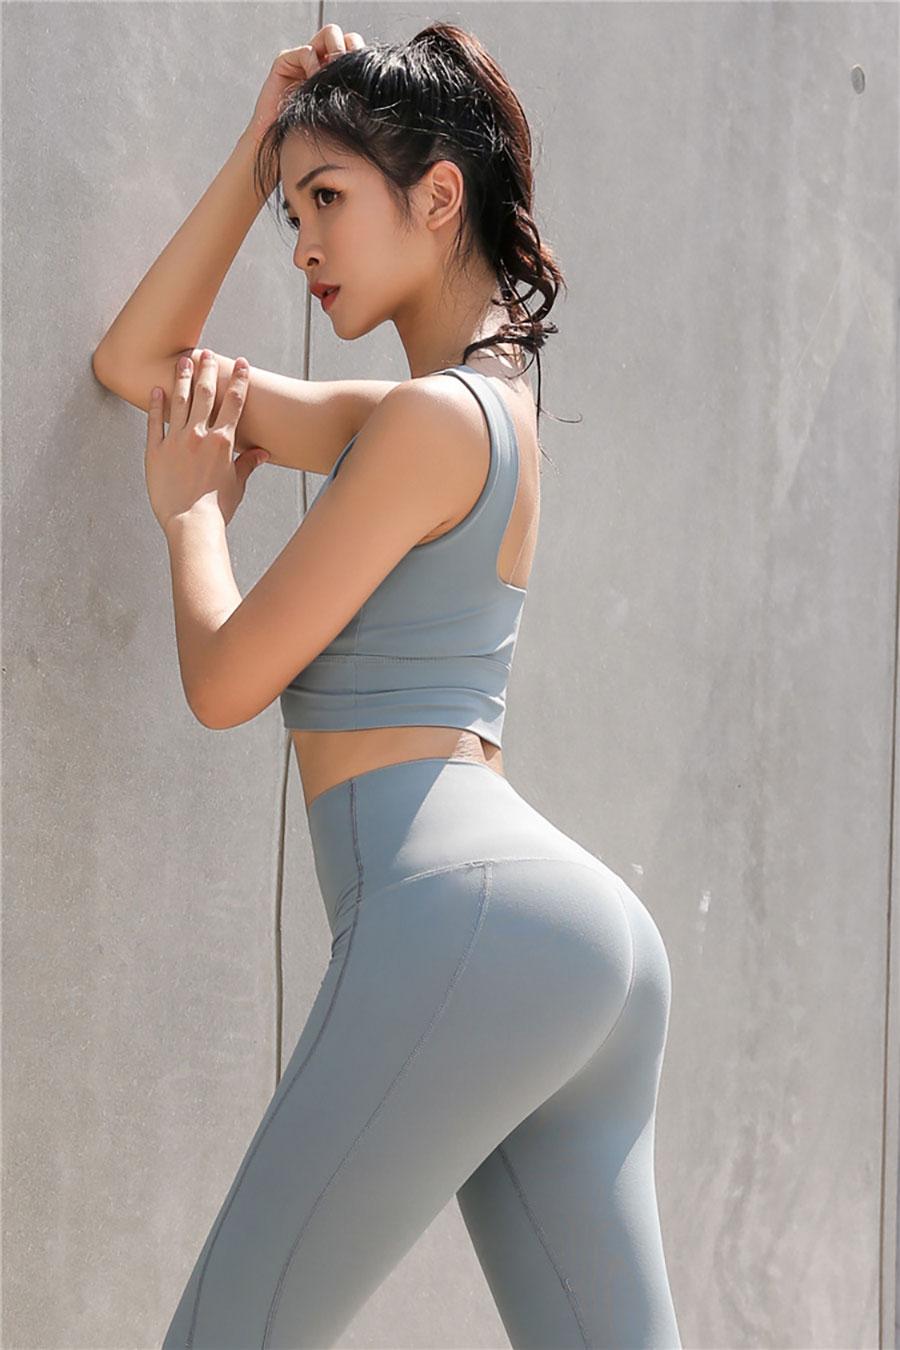 Áo bra thể thao nữ có thể sử dụng cho nhiều môn thể thao